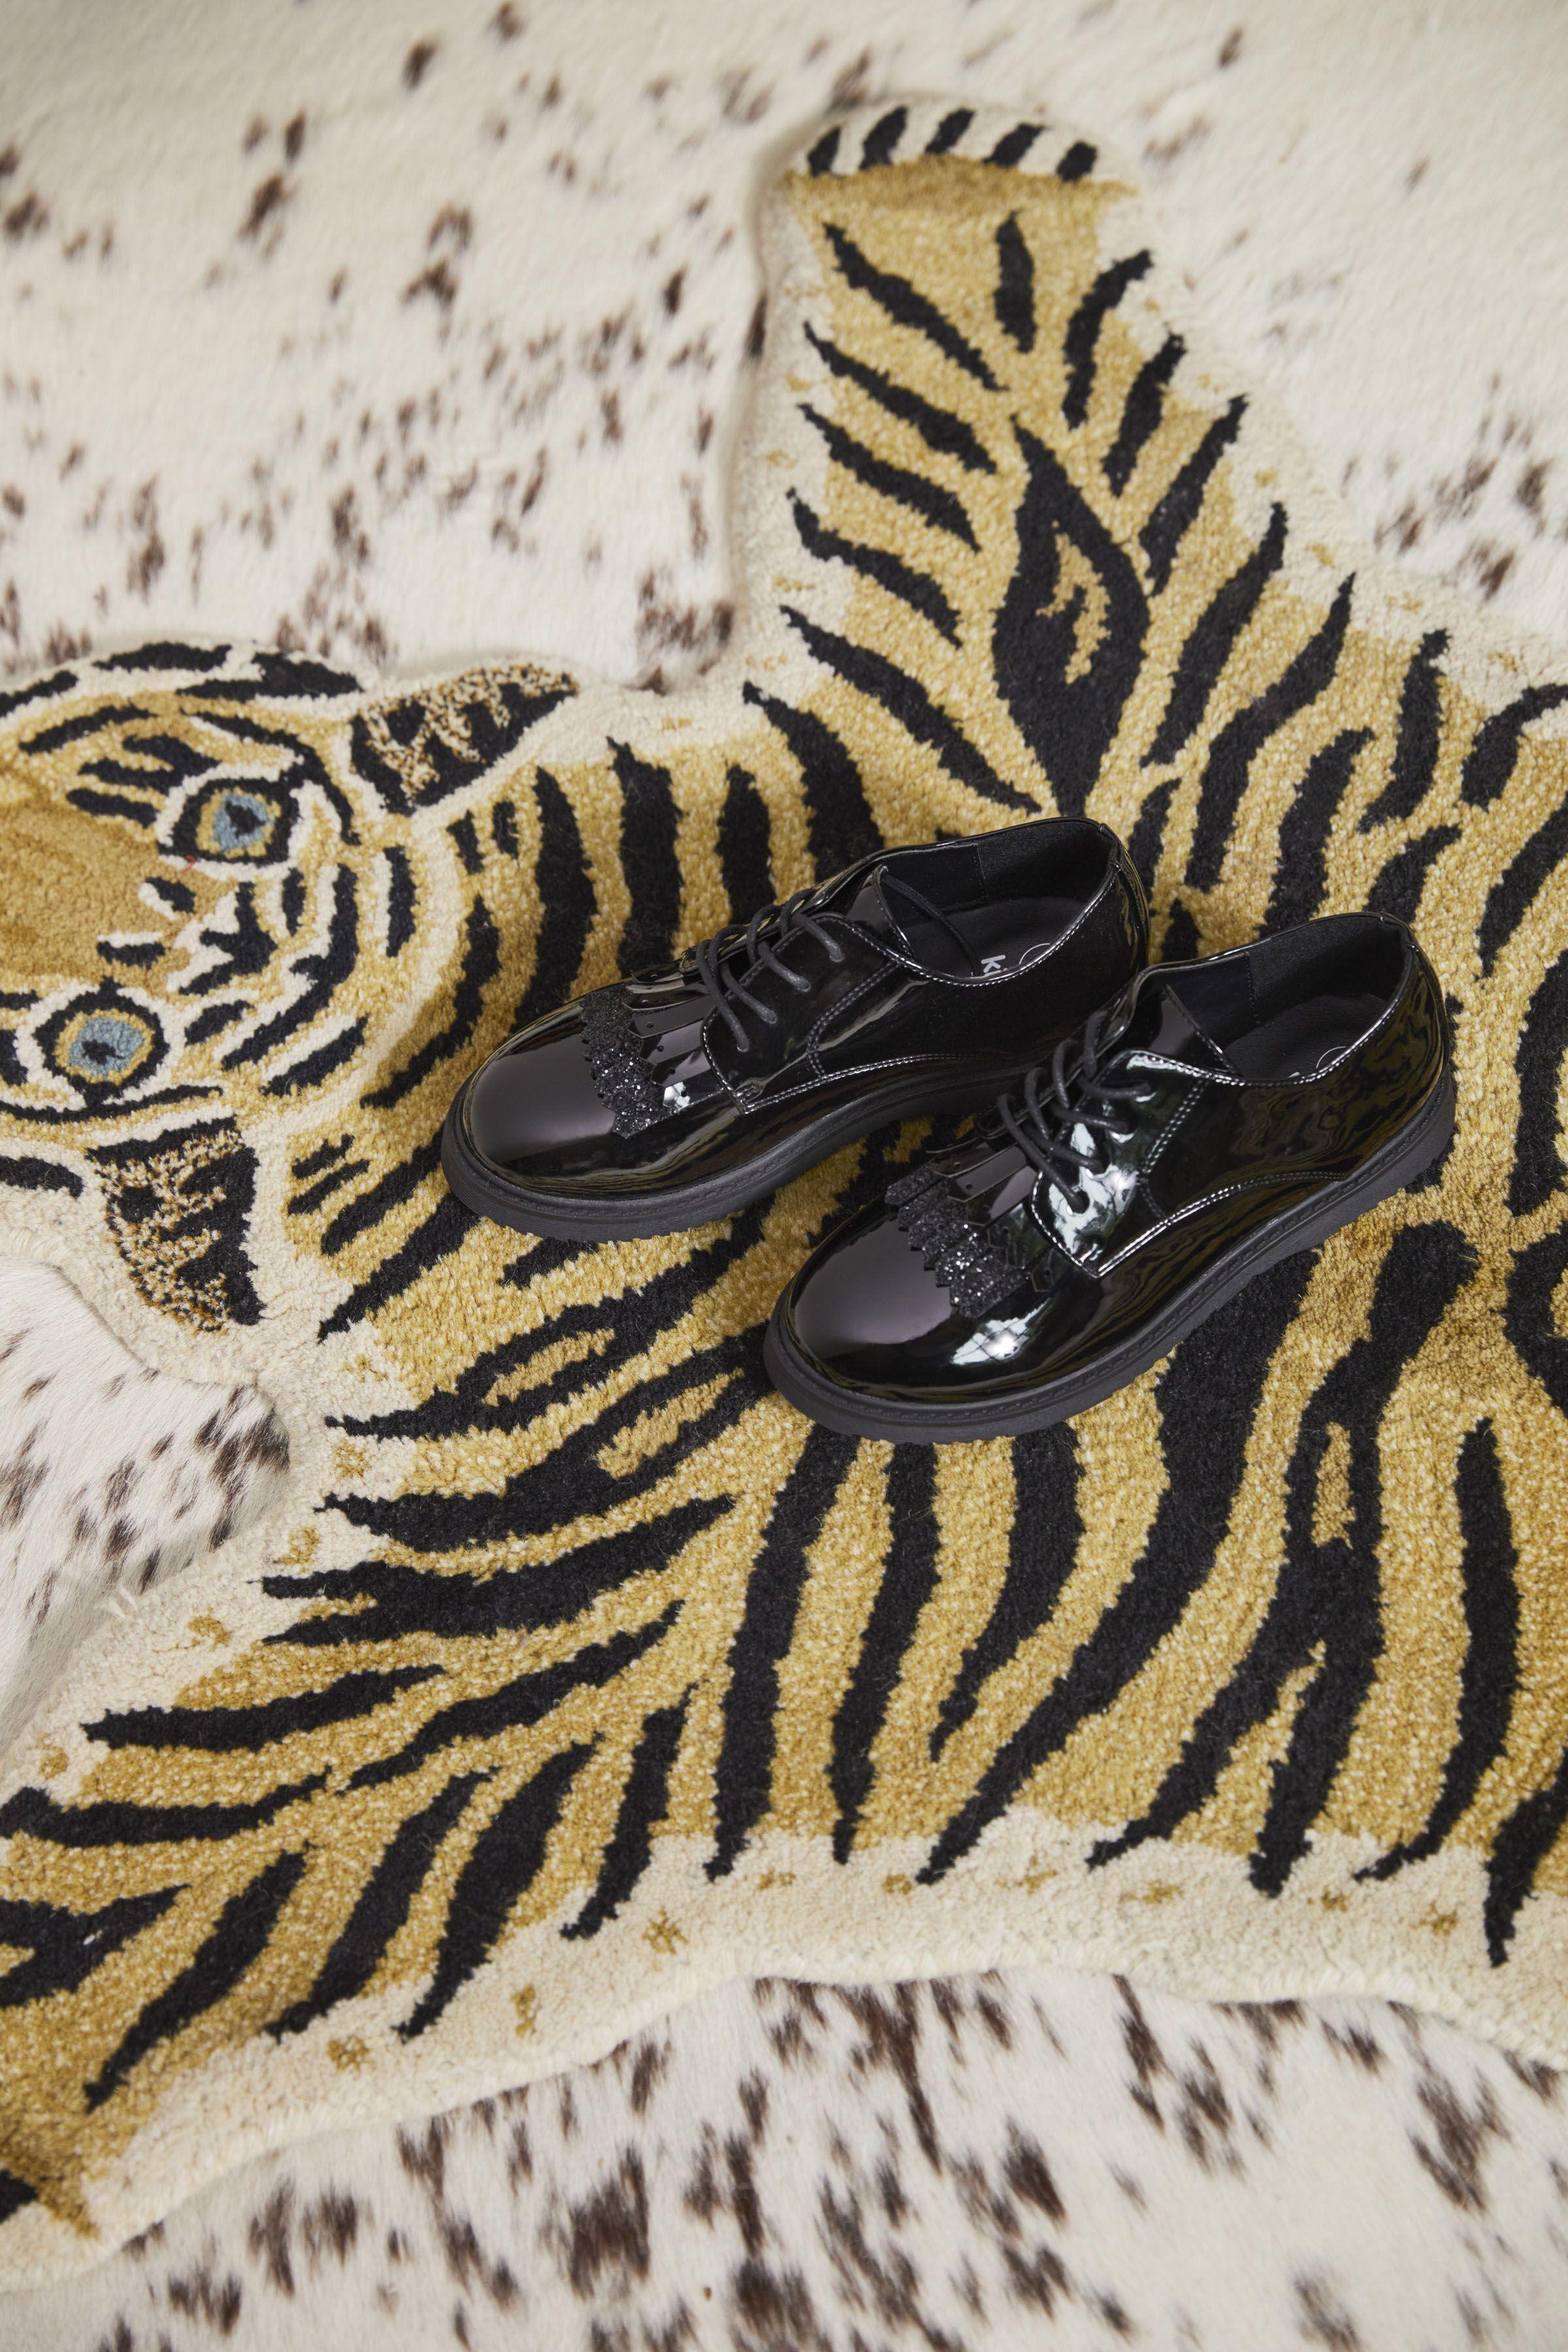 magasin en ligne ba0cf aca37 Nouvelle collection chaussures fille GEMO | LookBook Enfants ...